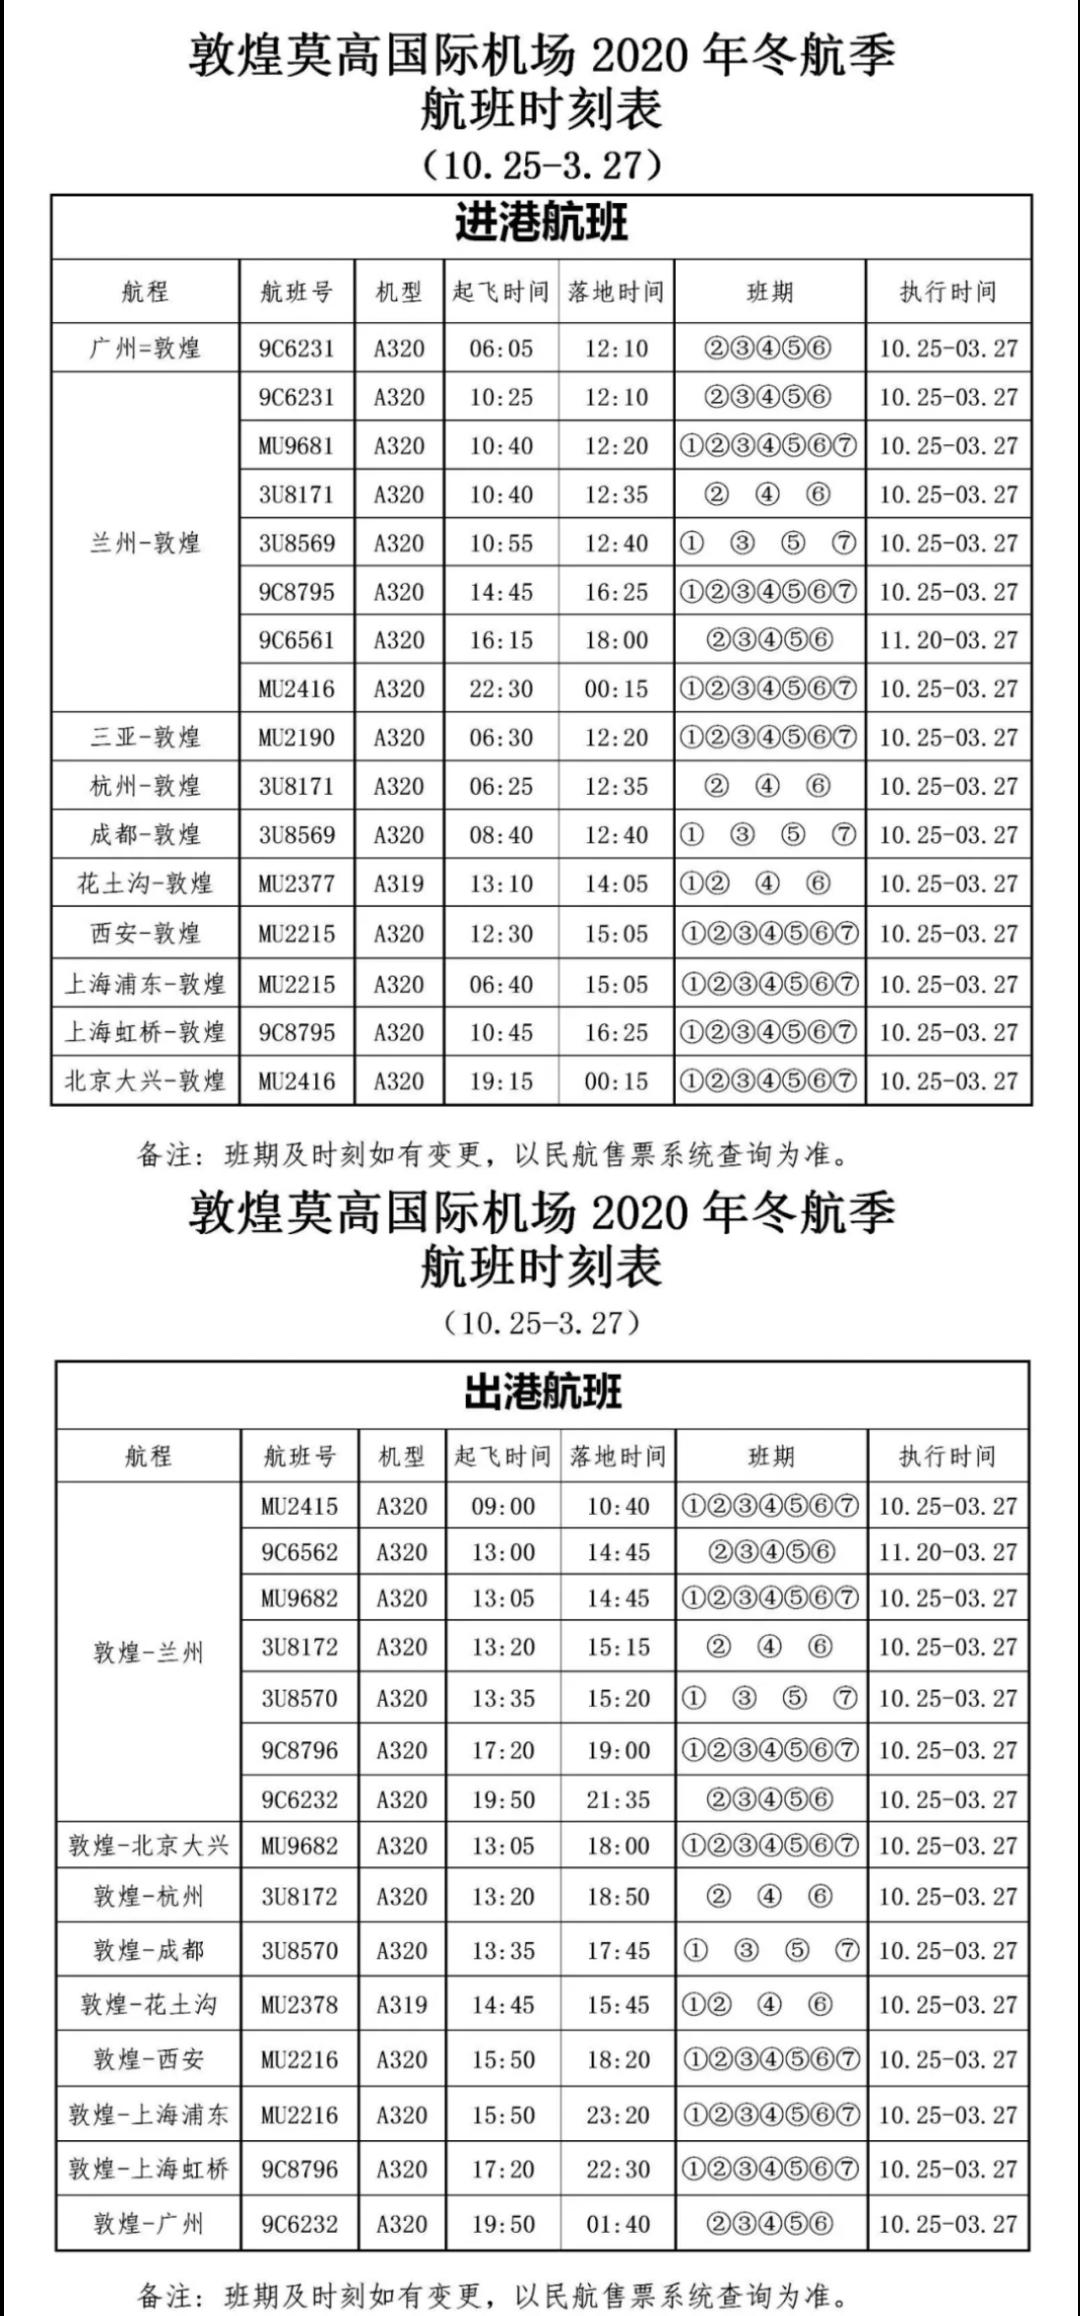 敦煌莫高机场最新航班安排表(7787741)-20201122122525.jpg